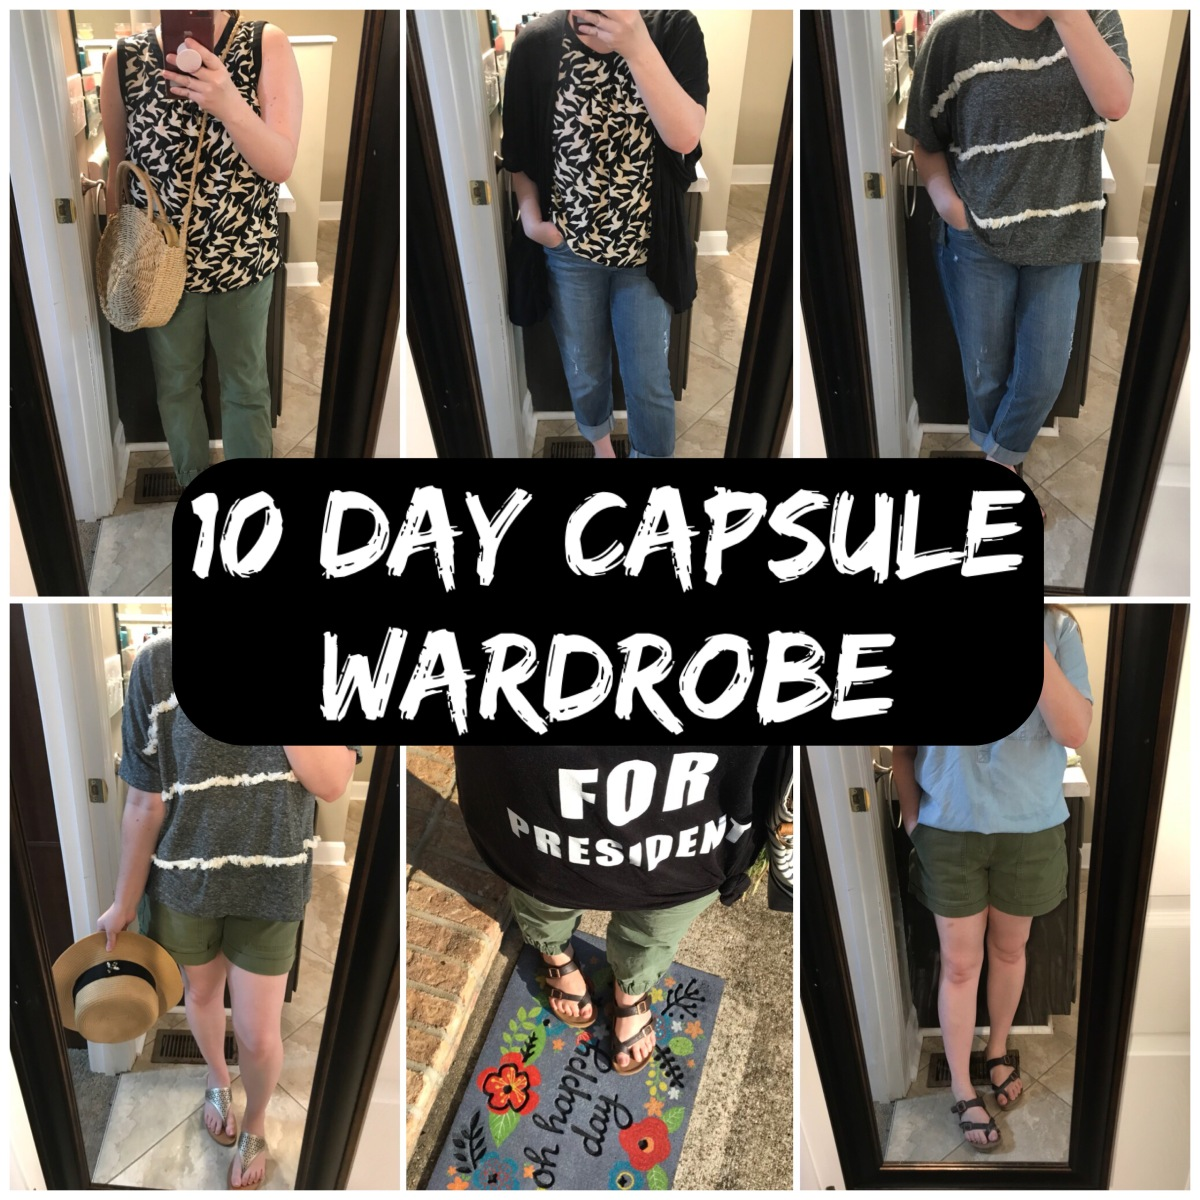 10 Day Capsule Wardrobe